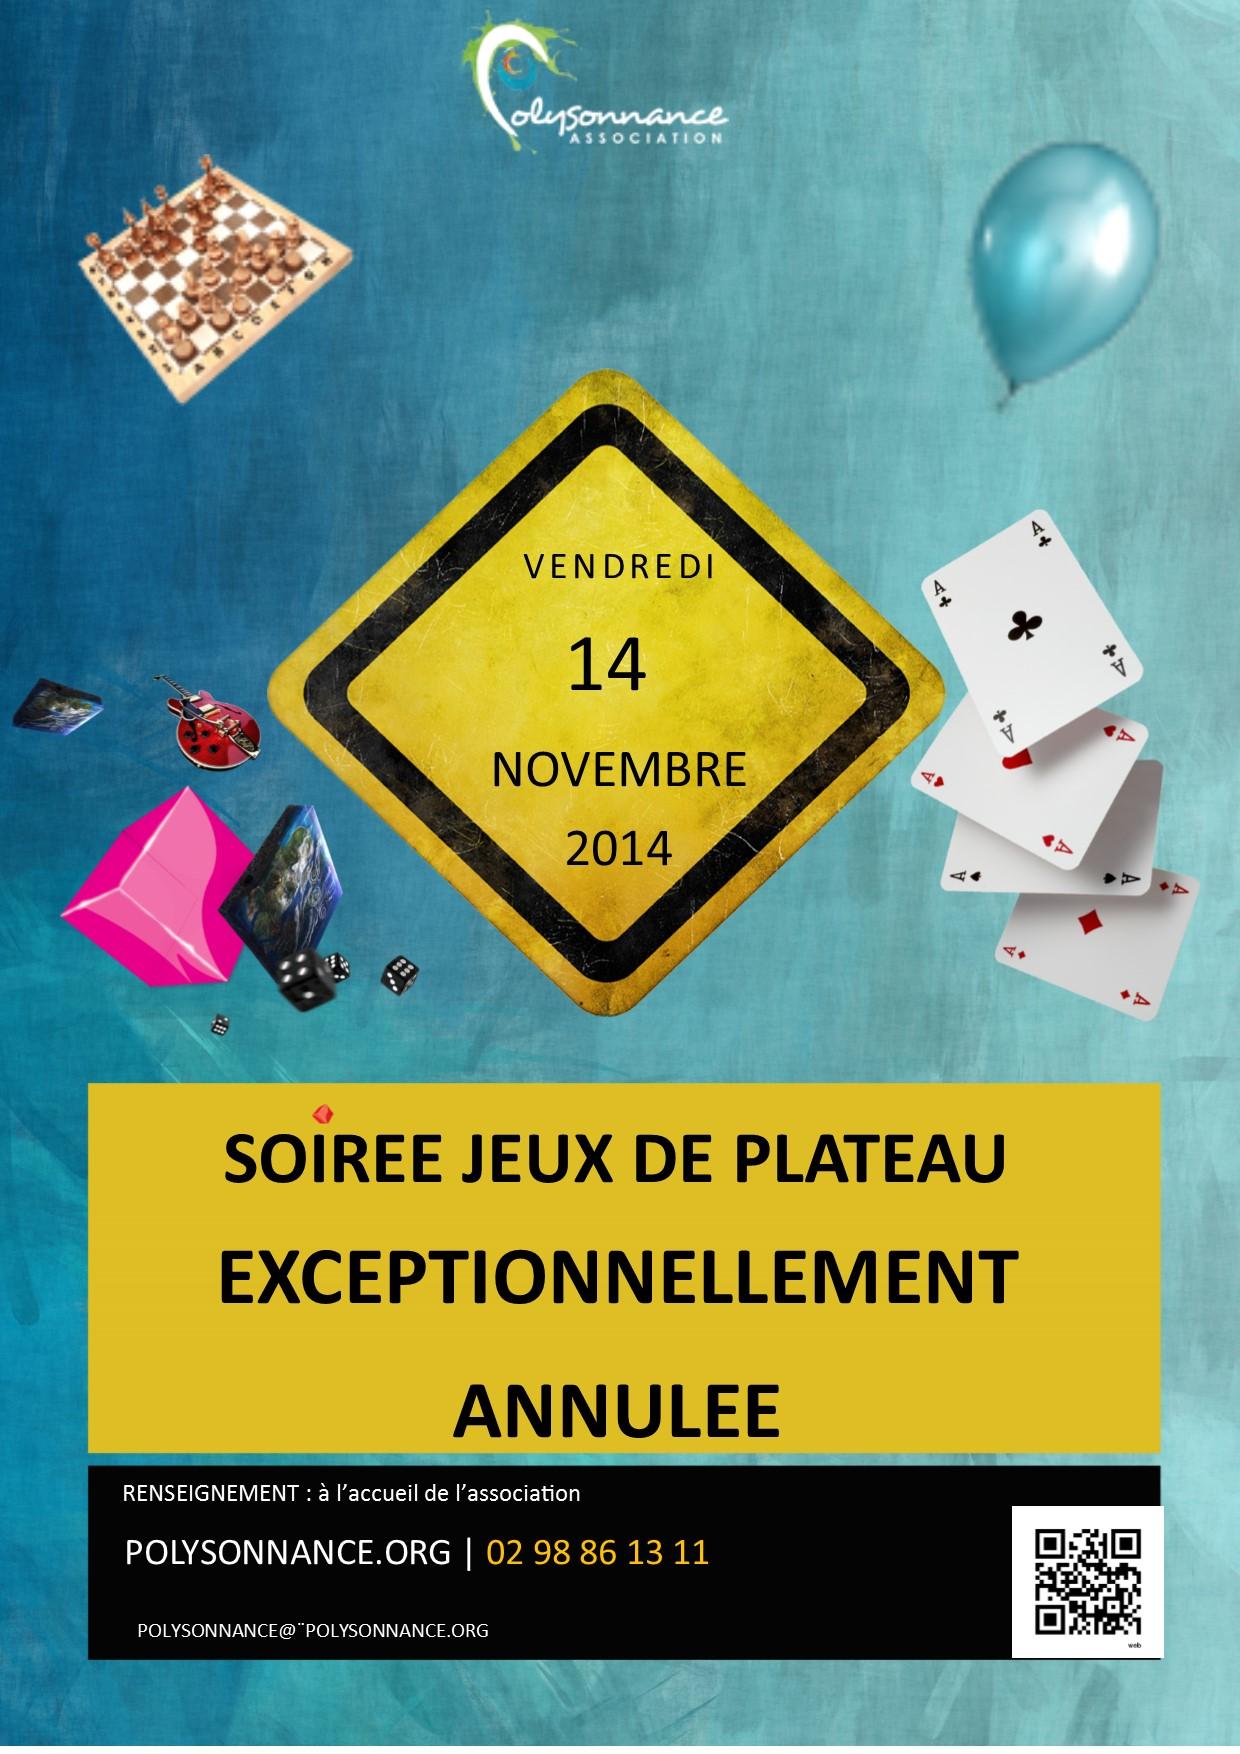 Annulation EXCEPTIONNELLE de la prochaine soirée «Jeux de Plateau» du vendredi 14  novembre au Run Ar Puns